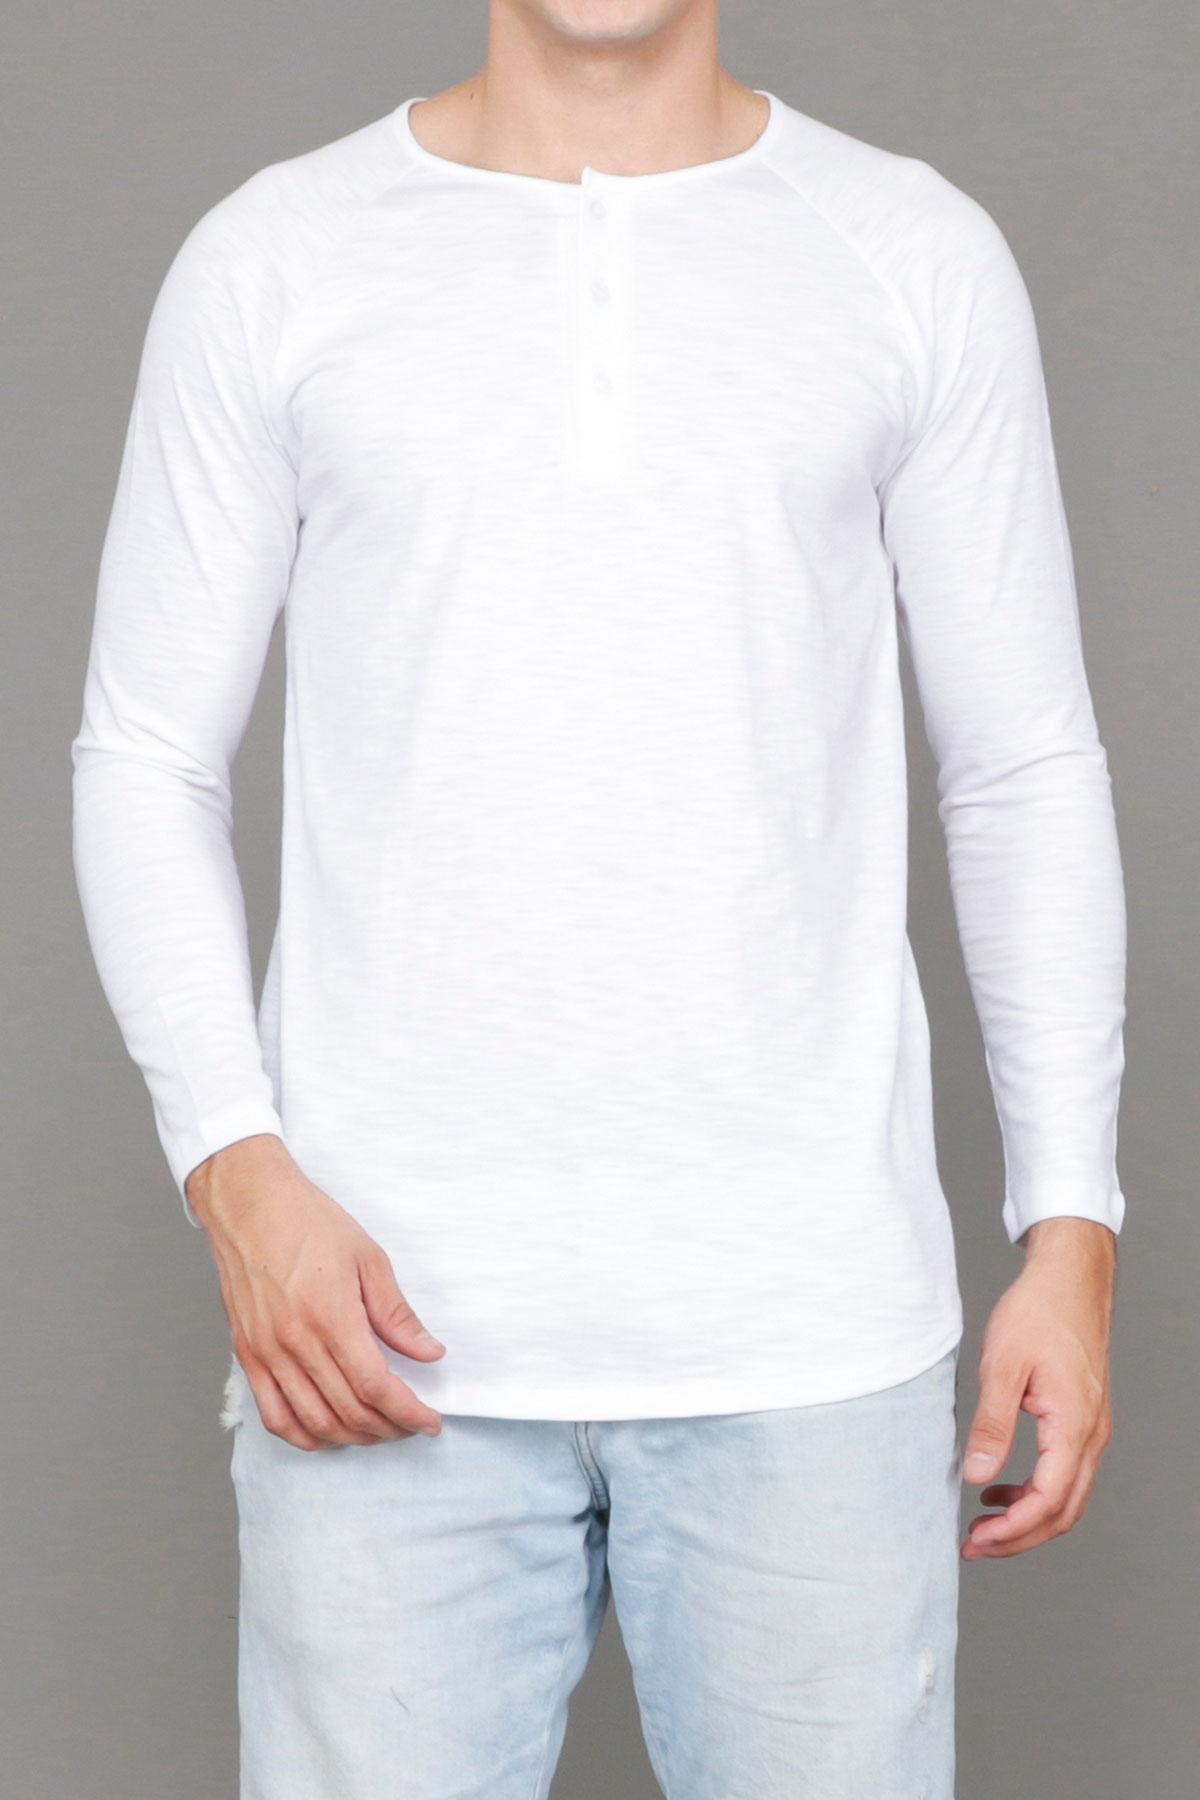 Kintamani-White-3